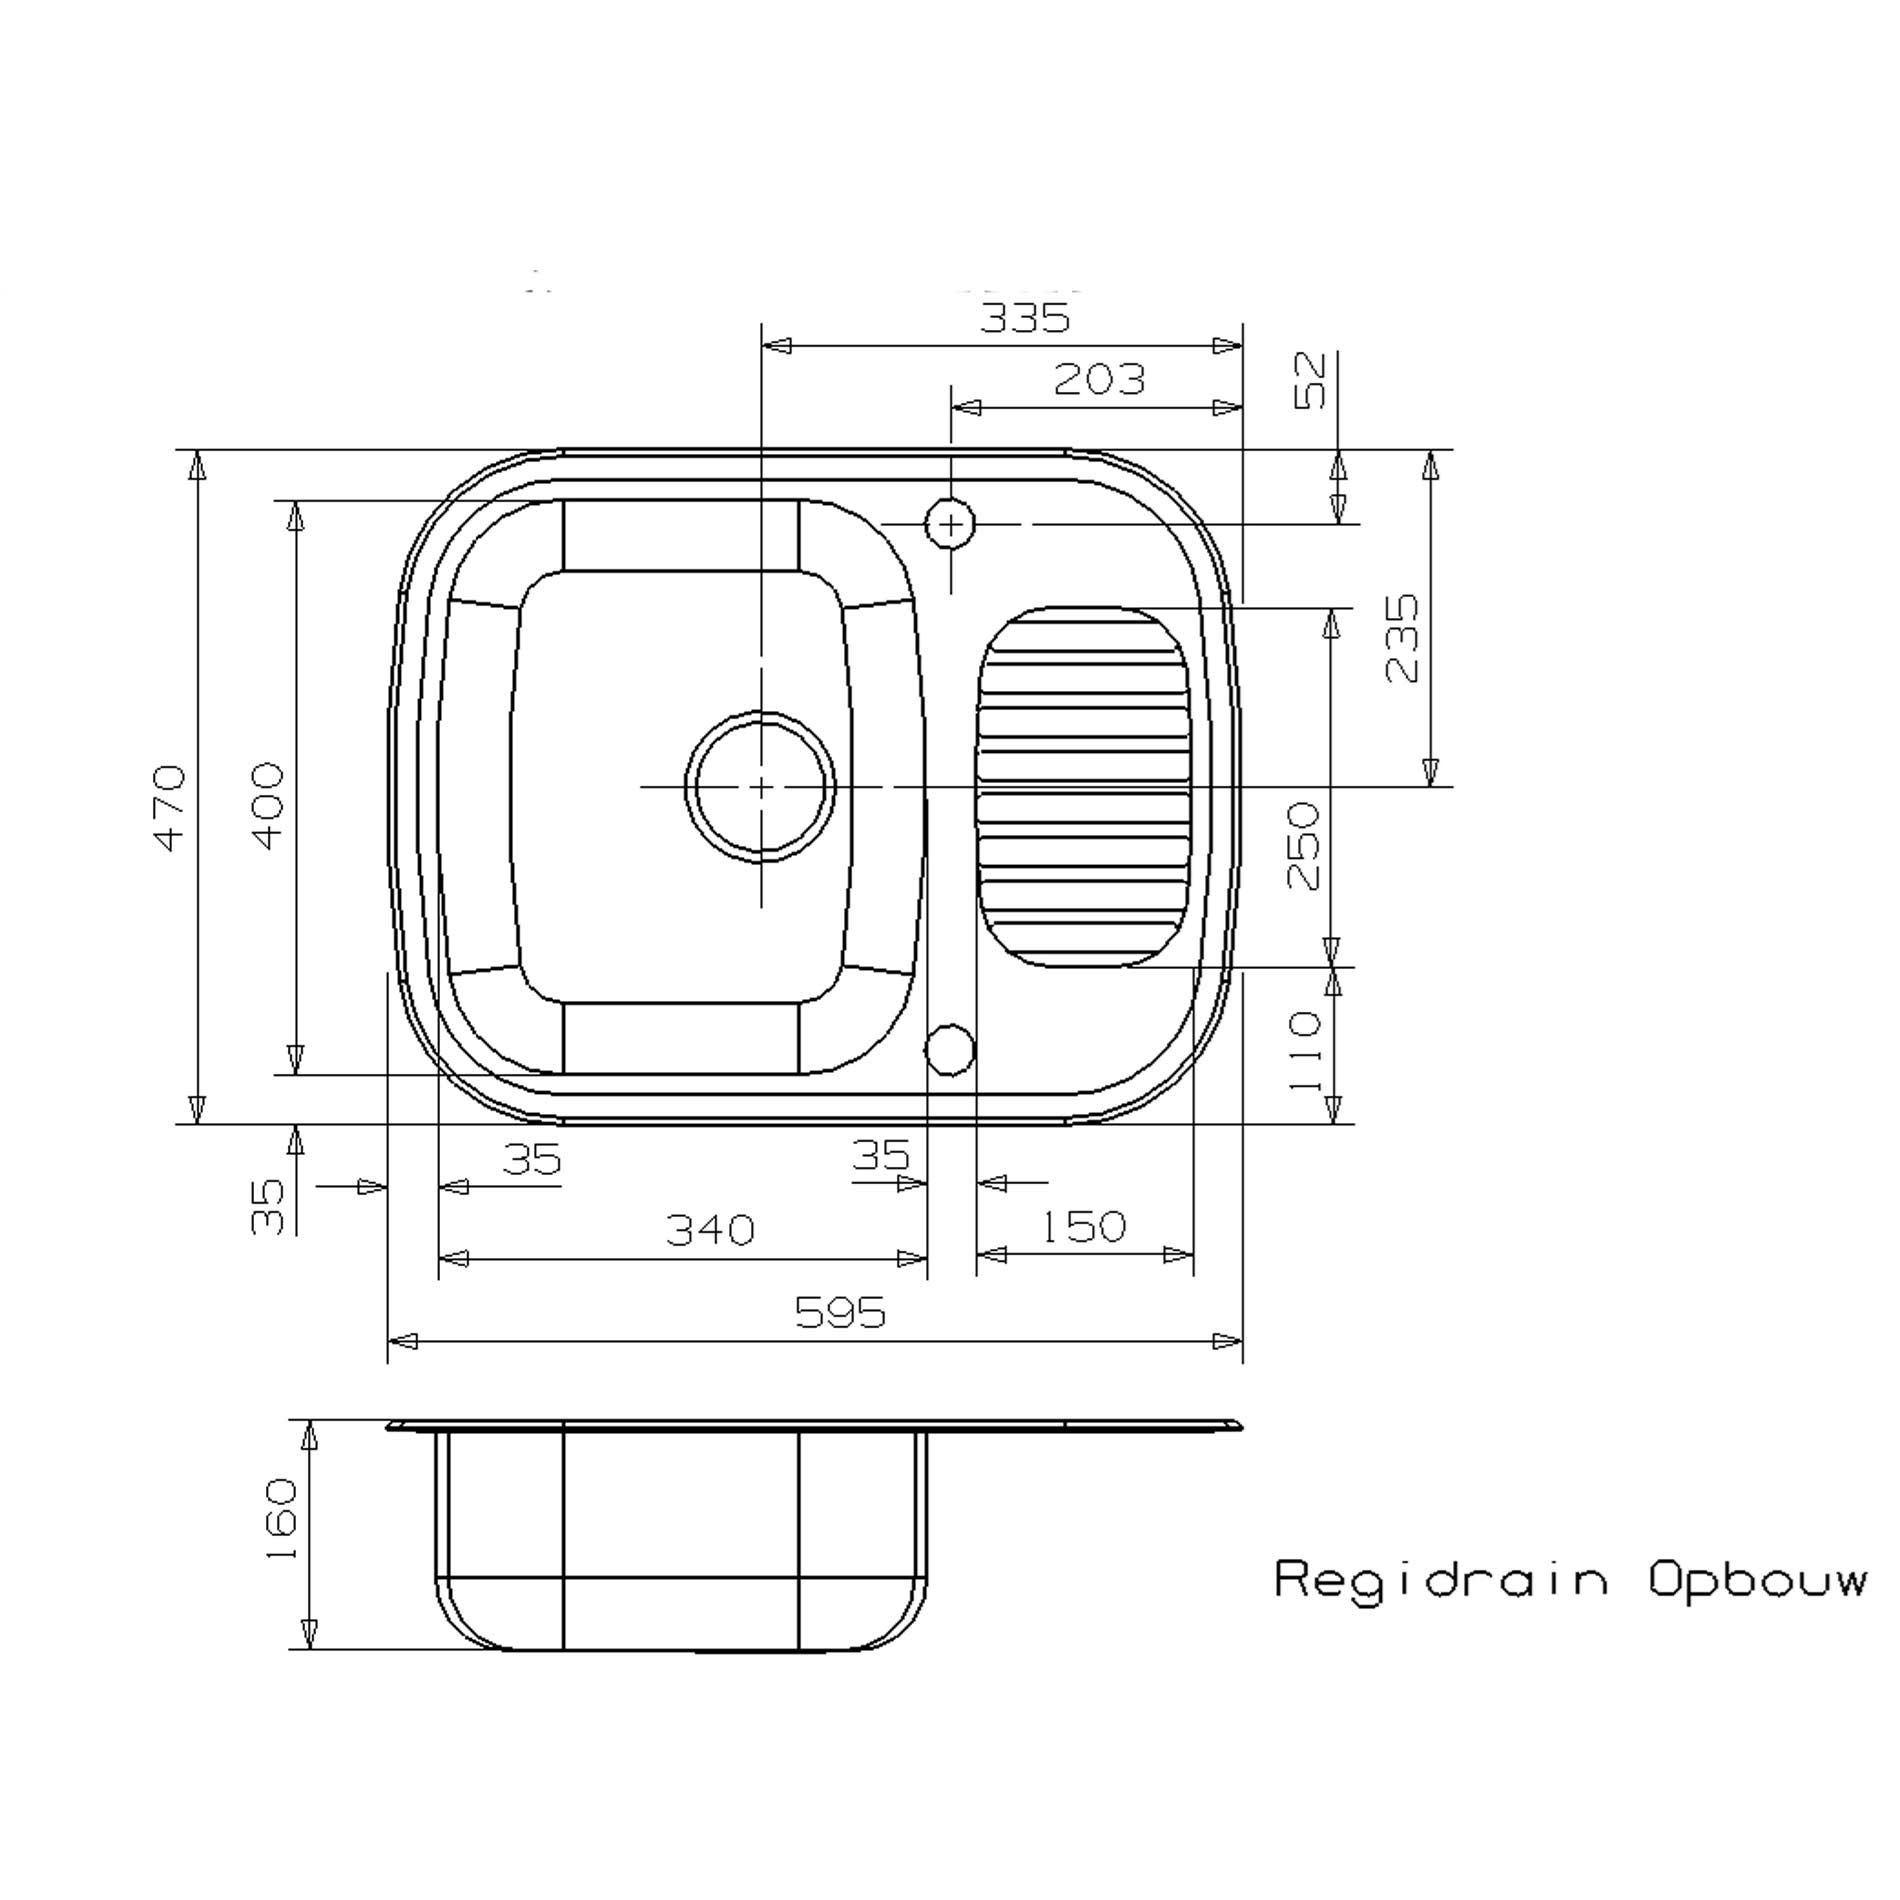 Reginox Regidrain Rl226s Stainless Steel Sink